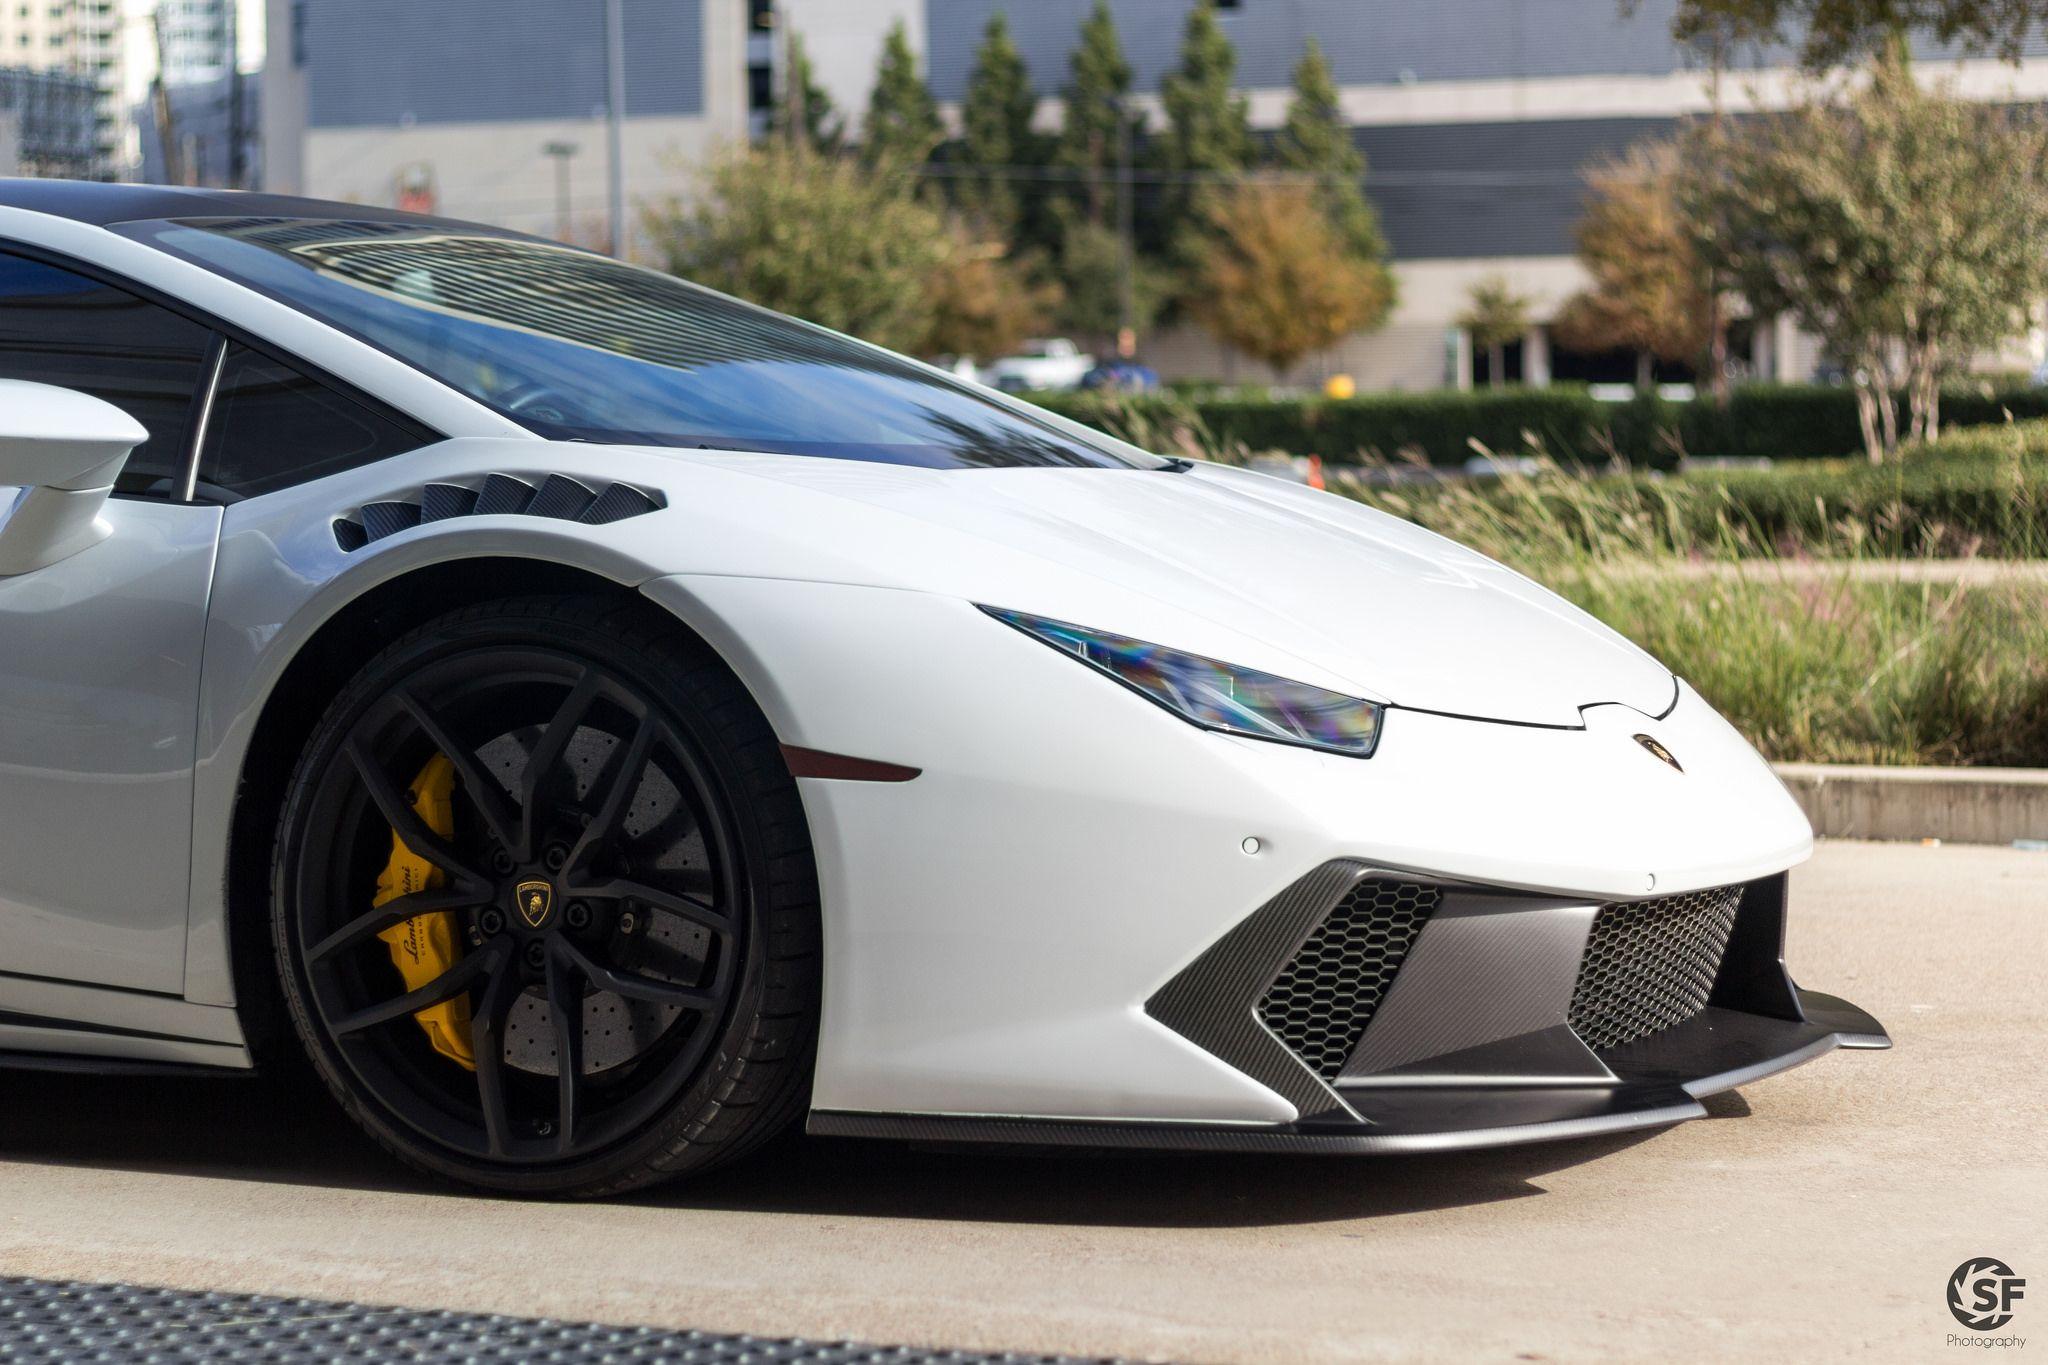 Lamborghini Huracan Lambo Lamborghini Lamborghini Huracan Cars